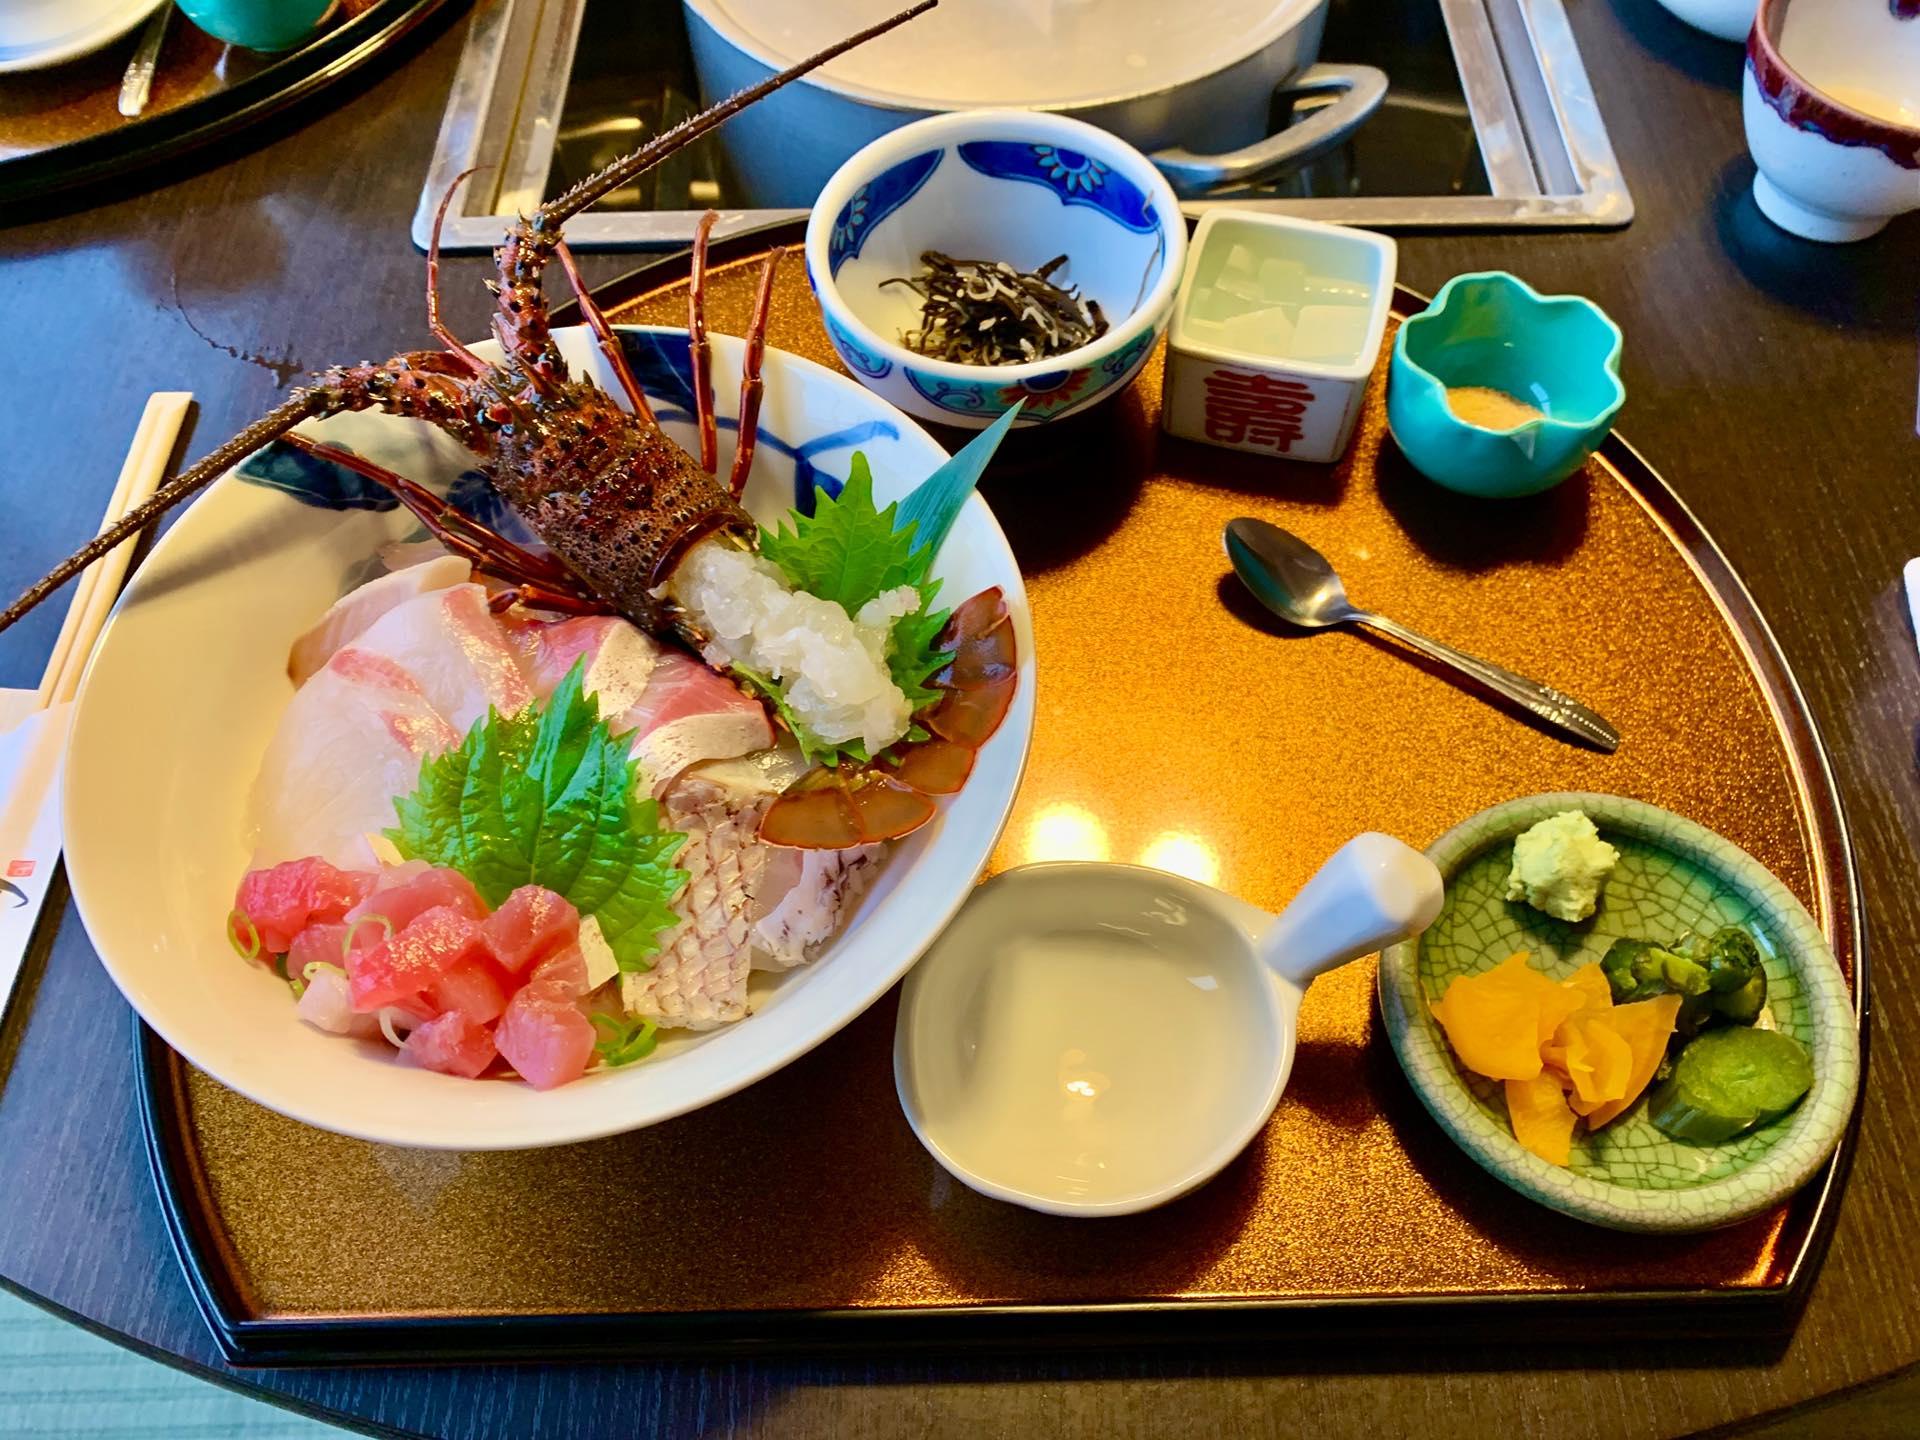 「伊勢海老 海鮮蒸し料理 華月」三重県鳥羽にある三重県産の伊勢海老・鮑料理専門店でランチを食べてきた